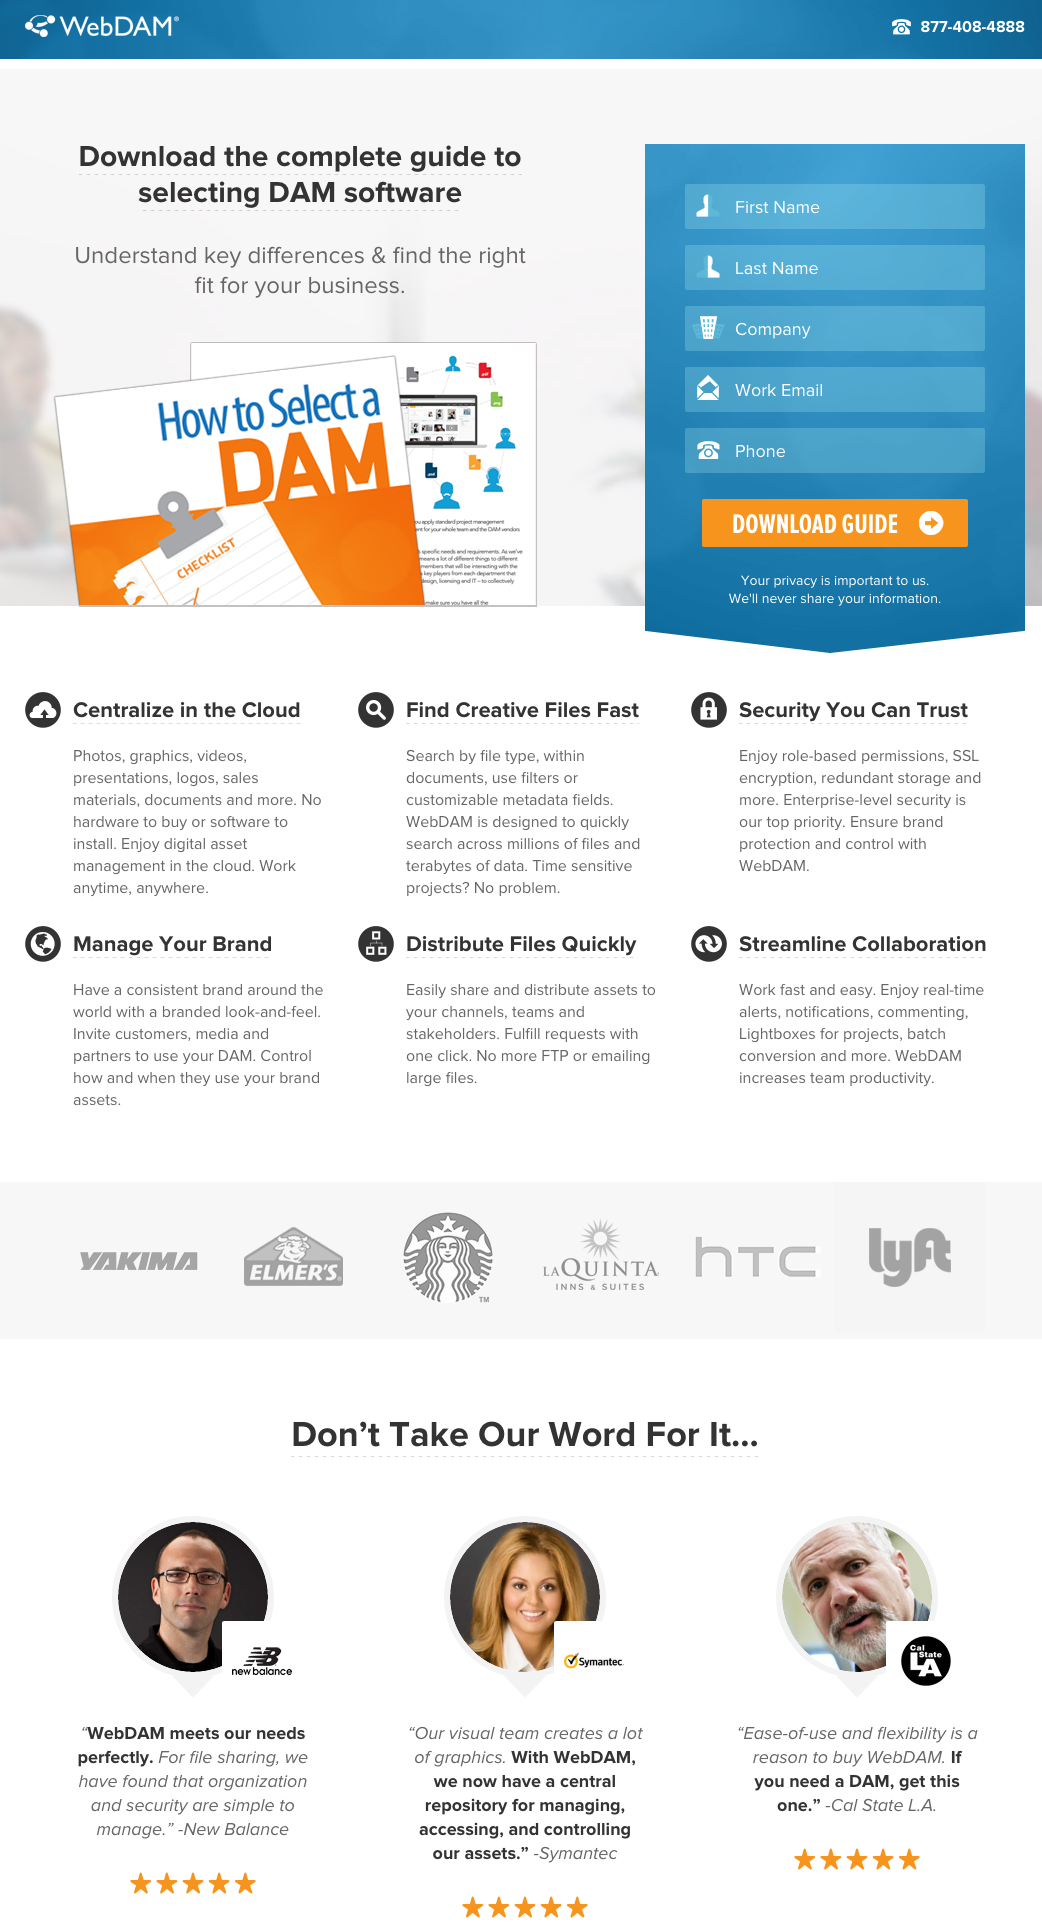 campañas exitosas de landing pages: WebDAM